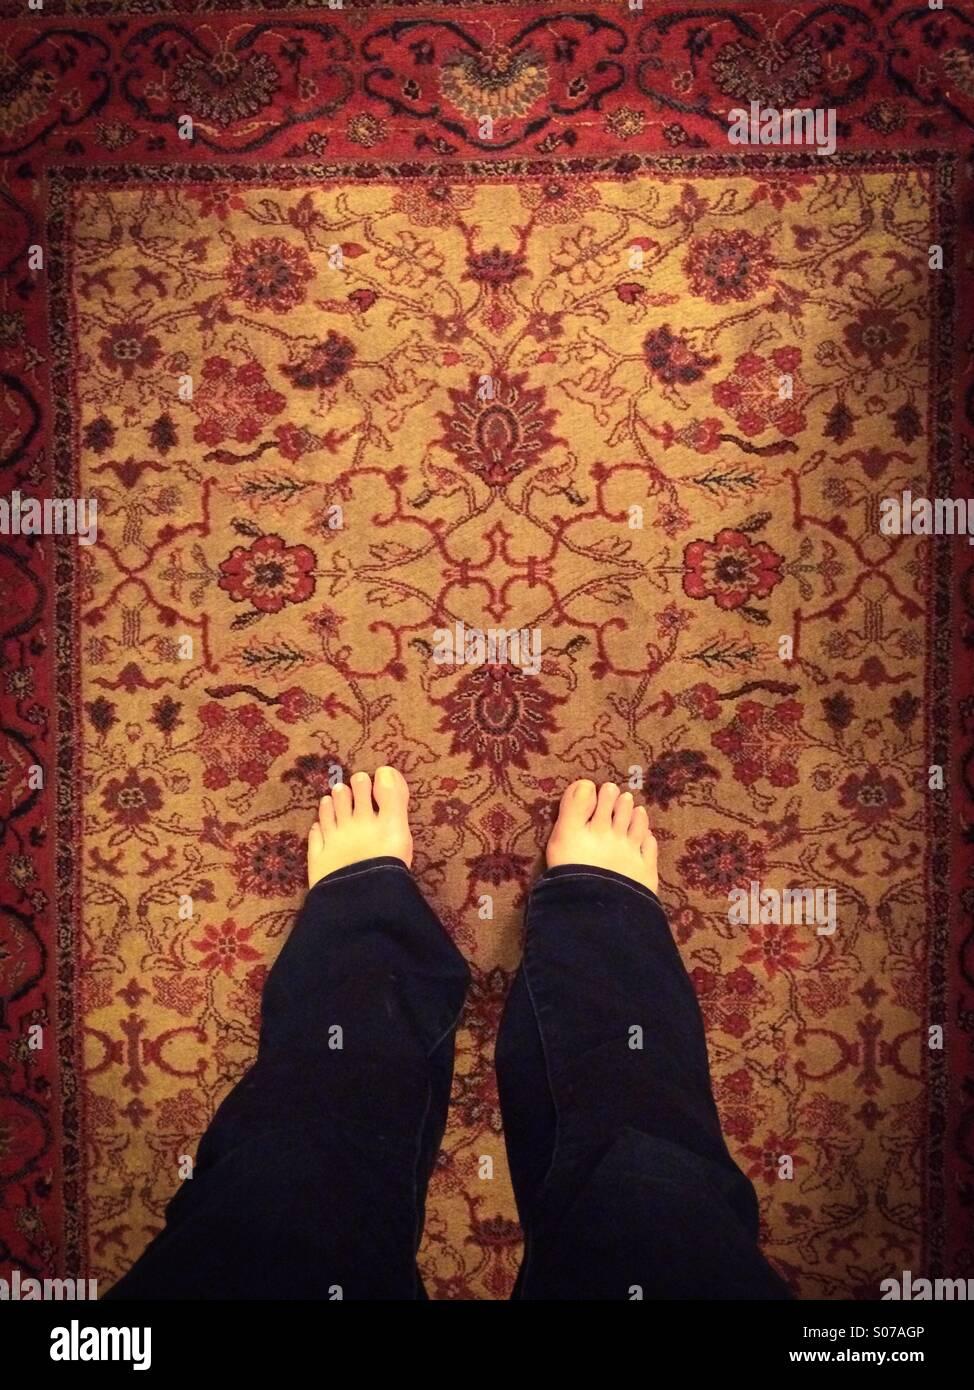 Les pieds nus sur un tapis Photo Stock